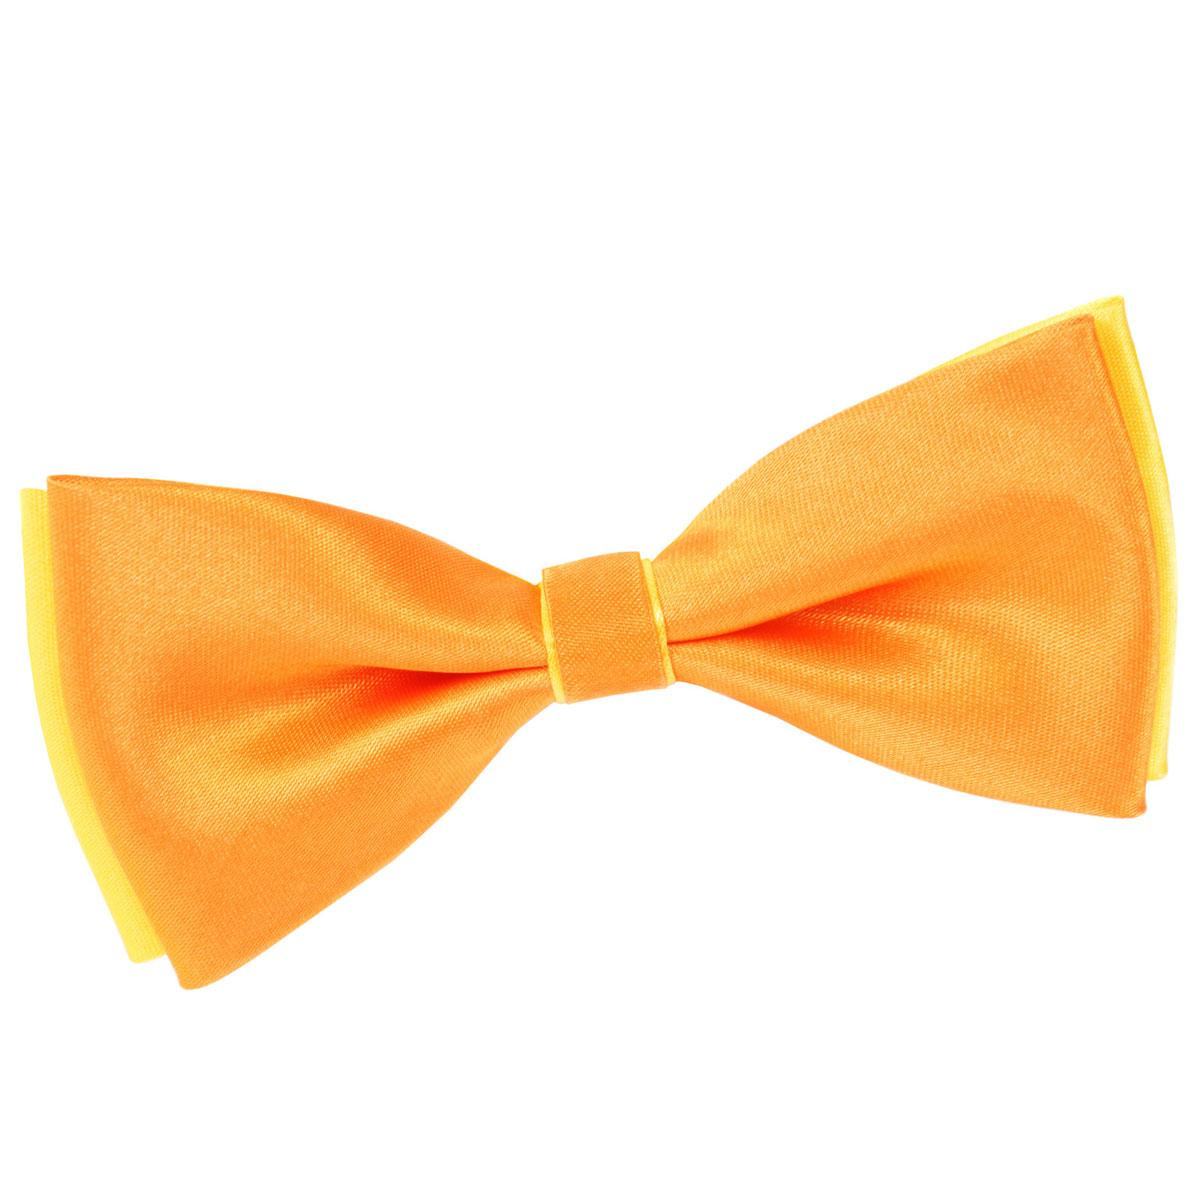 _Noeud-papillon-bicolore-orange-jaune-dandytouch